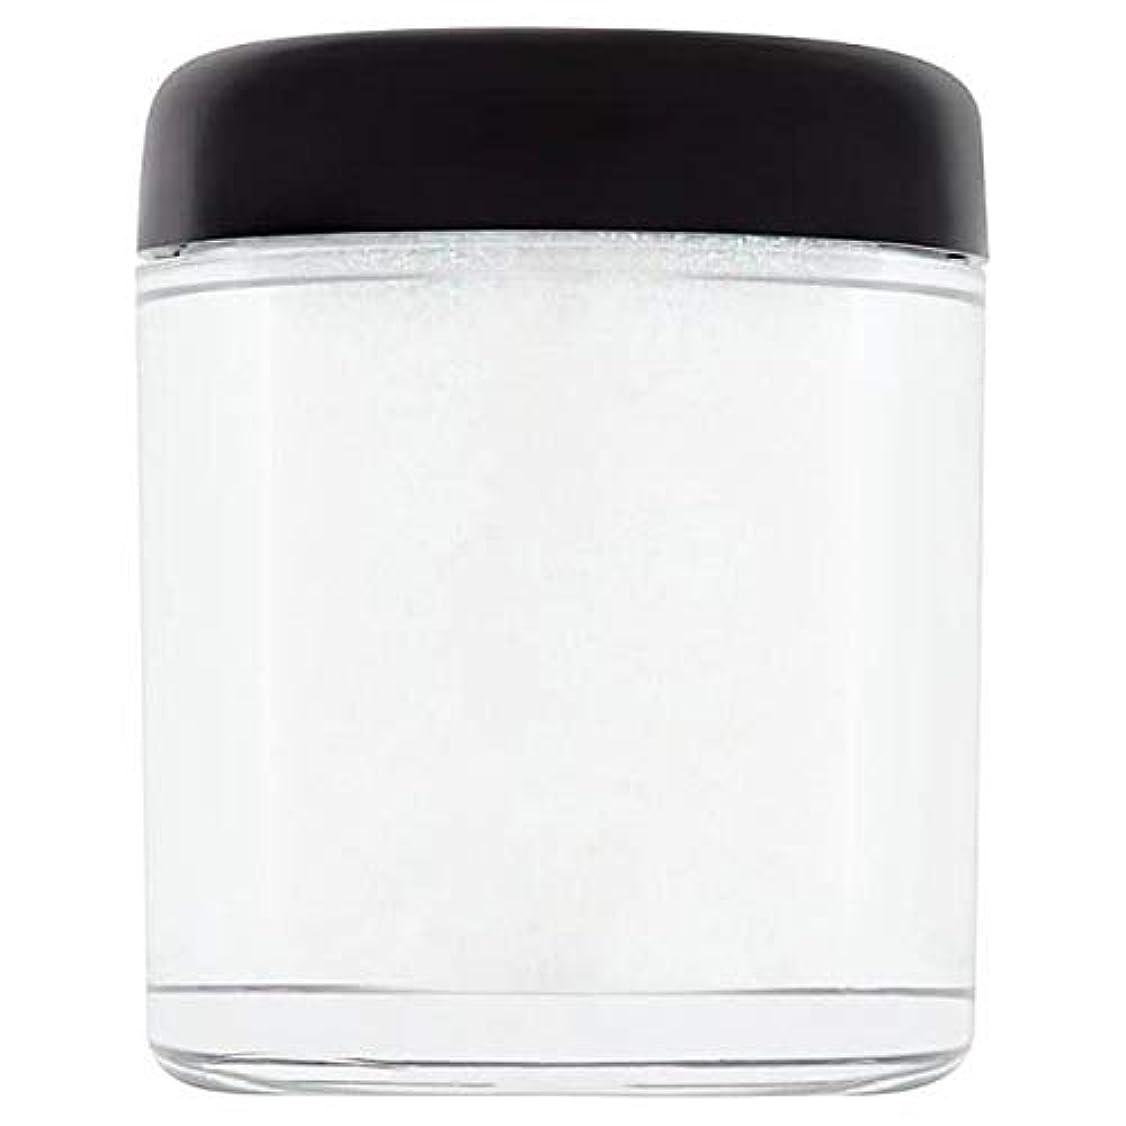 剥ぎ取るキャンベラ北[Collection ] 収集グラムの結晶がフェイス&ボディの輝きユニコーンの涙1 - Collection Glam Crystals Face & Body Glitter Unicorn Tears 1 [並行輸入品]